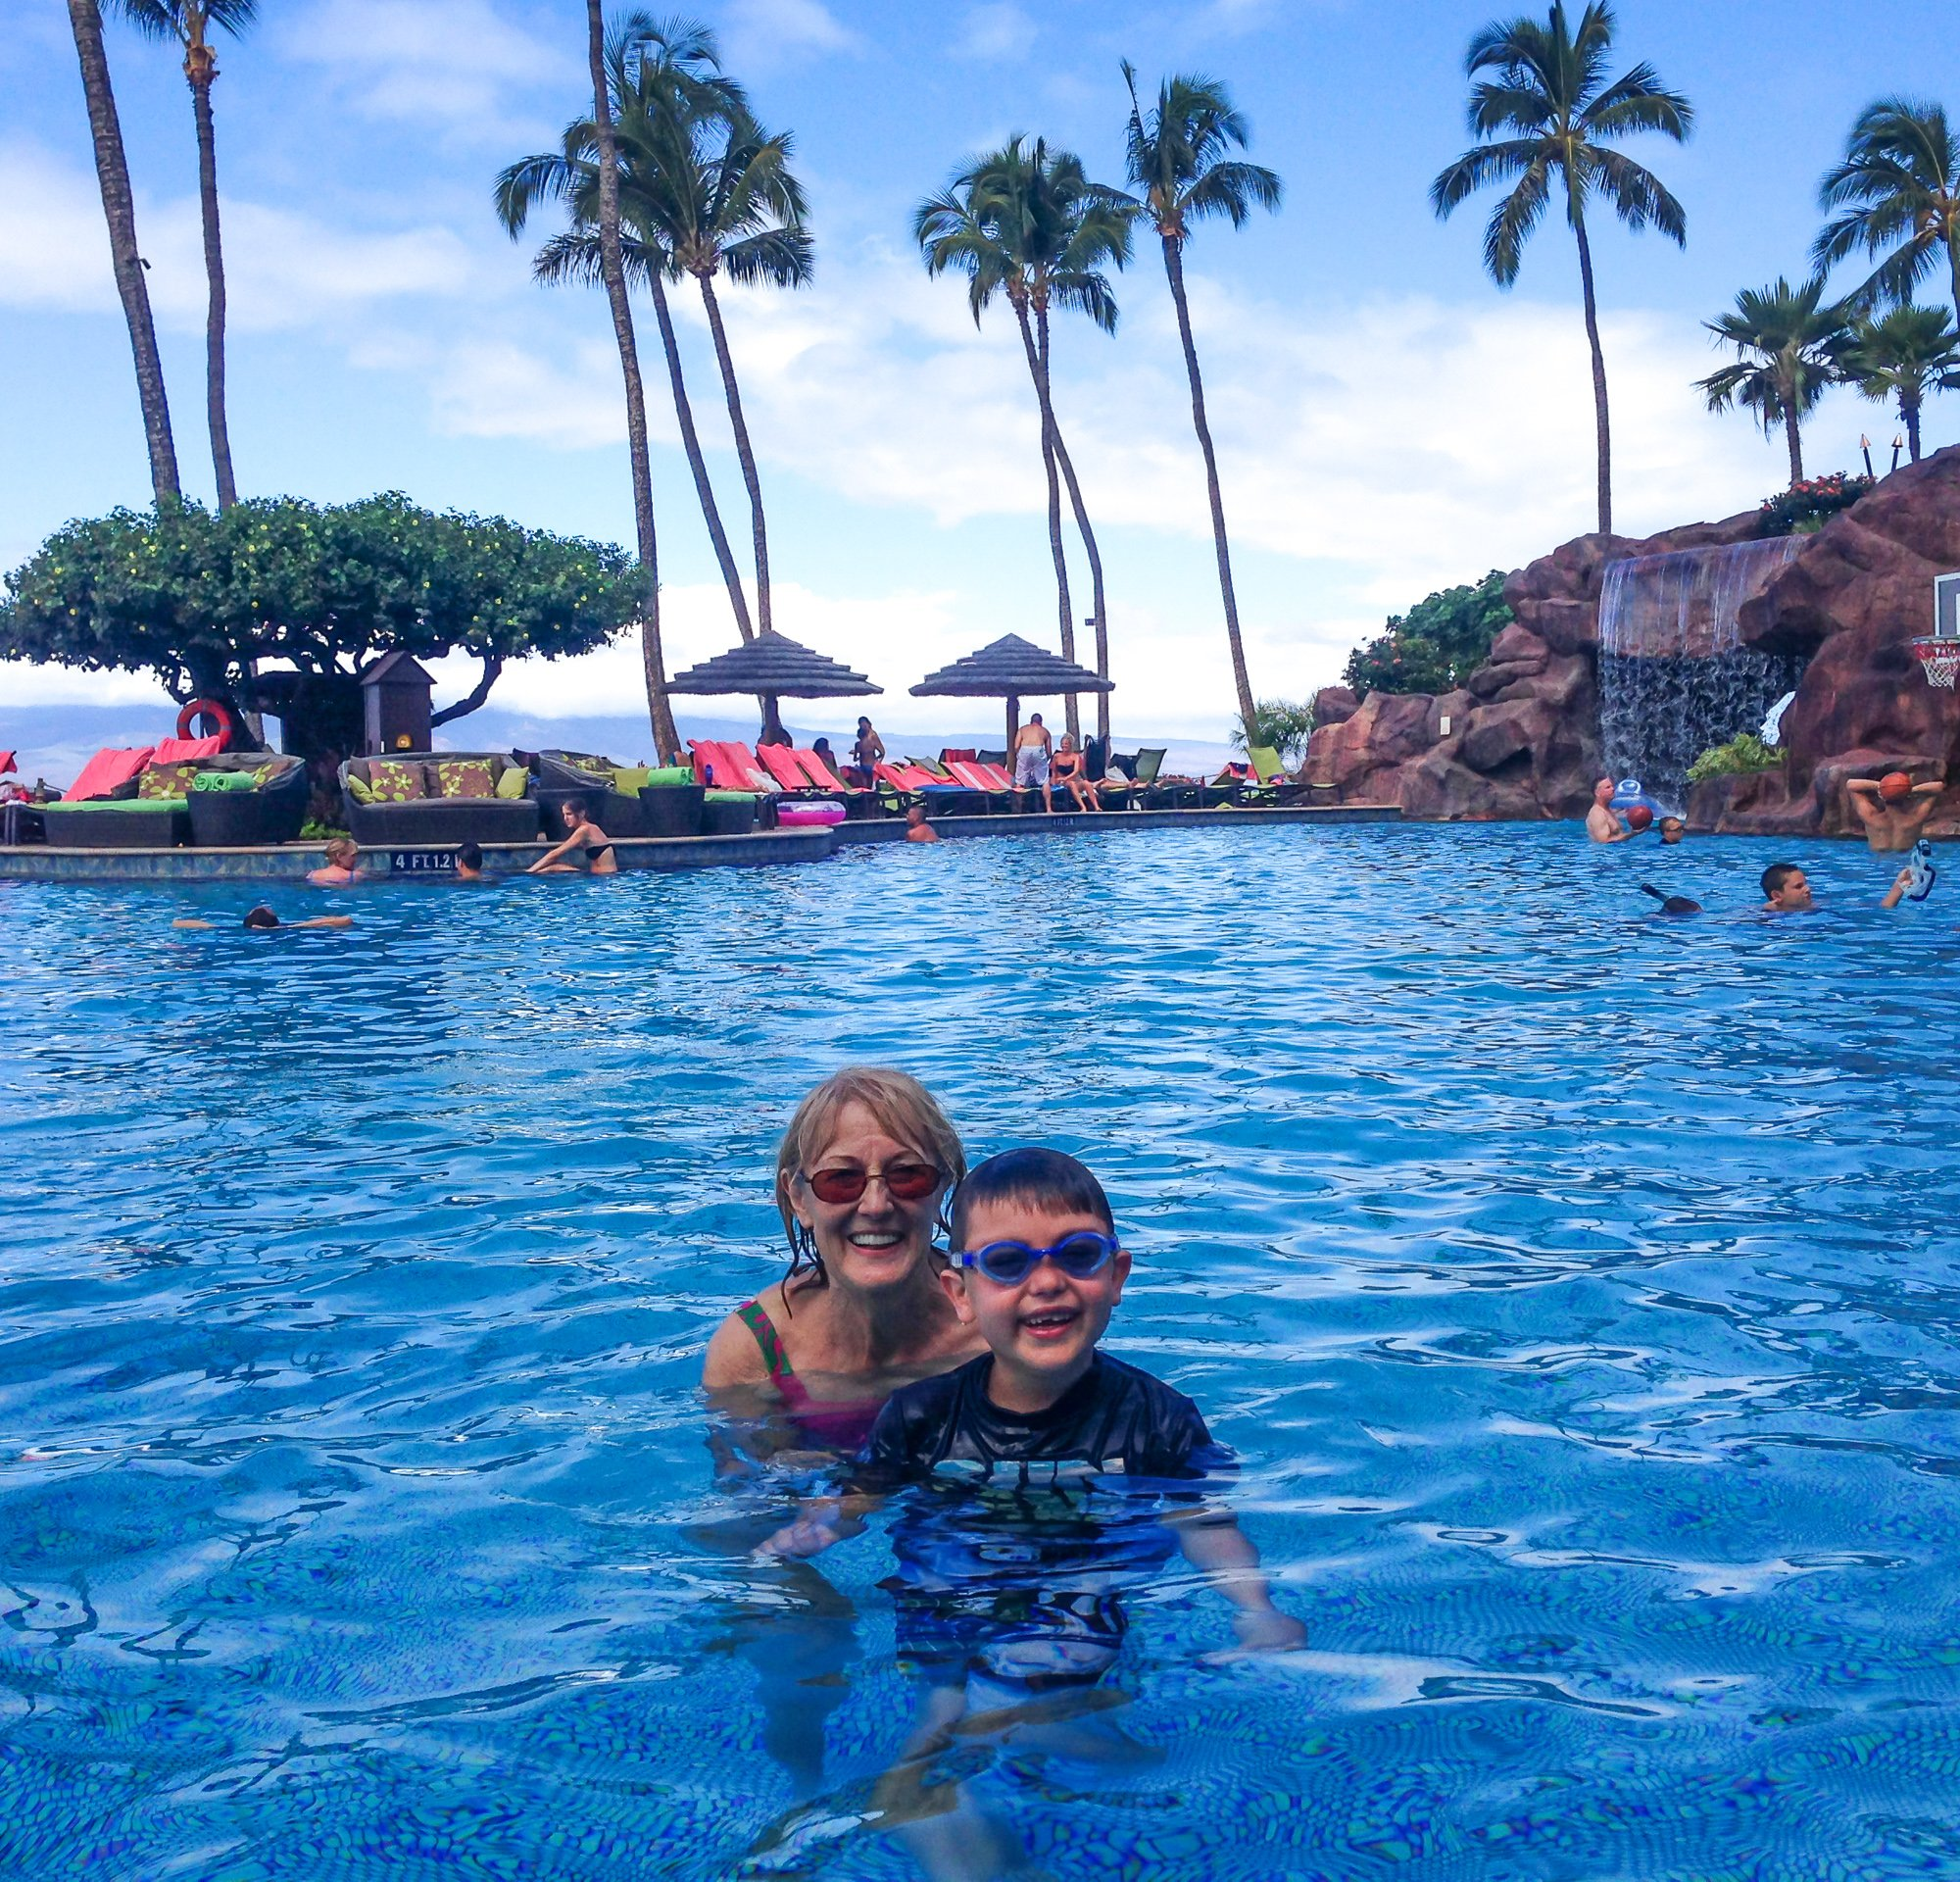 Grandma and son swimming together at Sheraton Maui